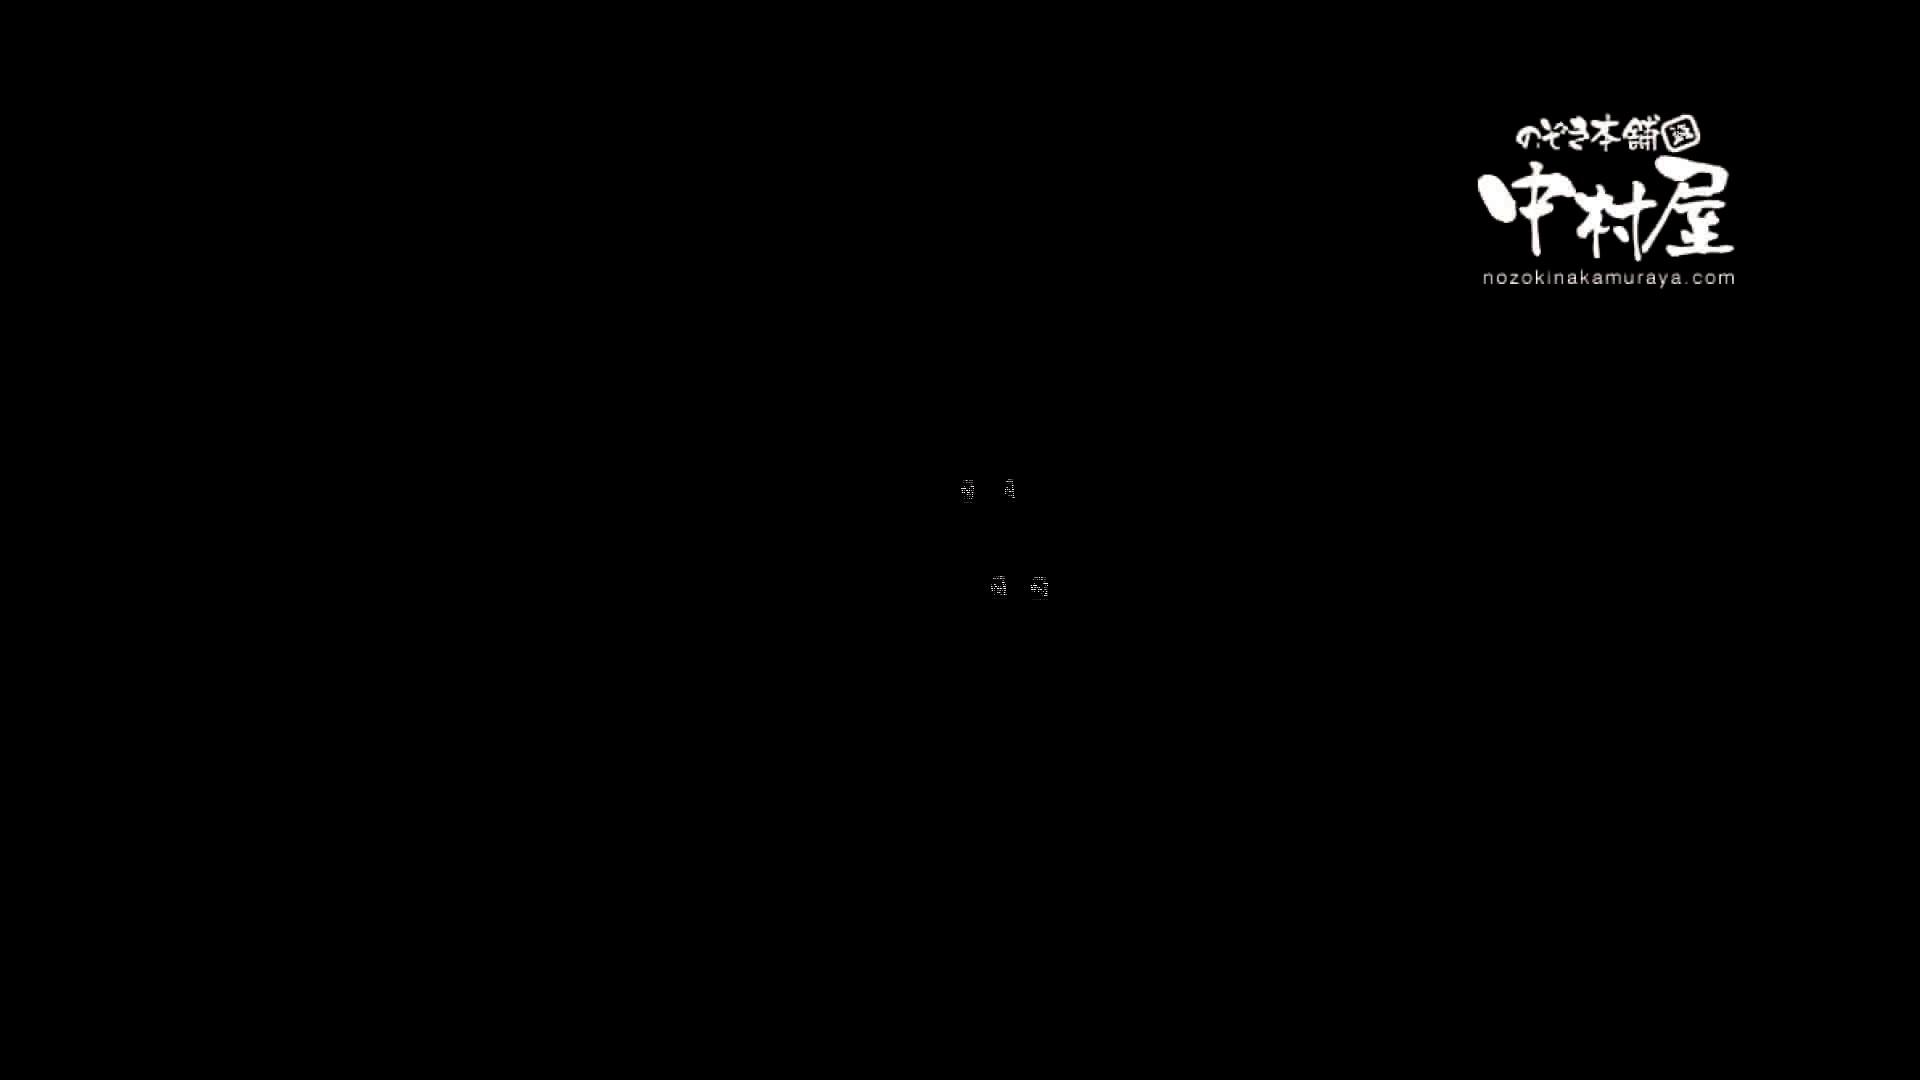 鬼畜 vol.16 実はマンざらでもない柔らかおっぱいちゃん 前編 おっぱい 盗撮動画紹介 95PIX 74